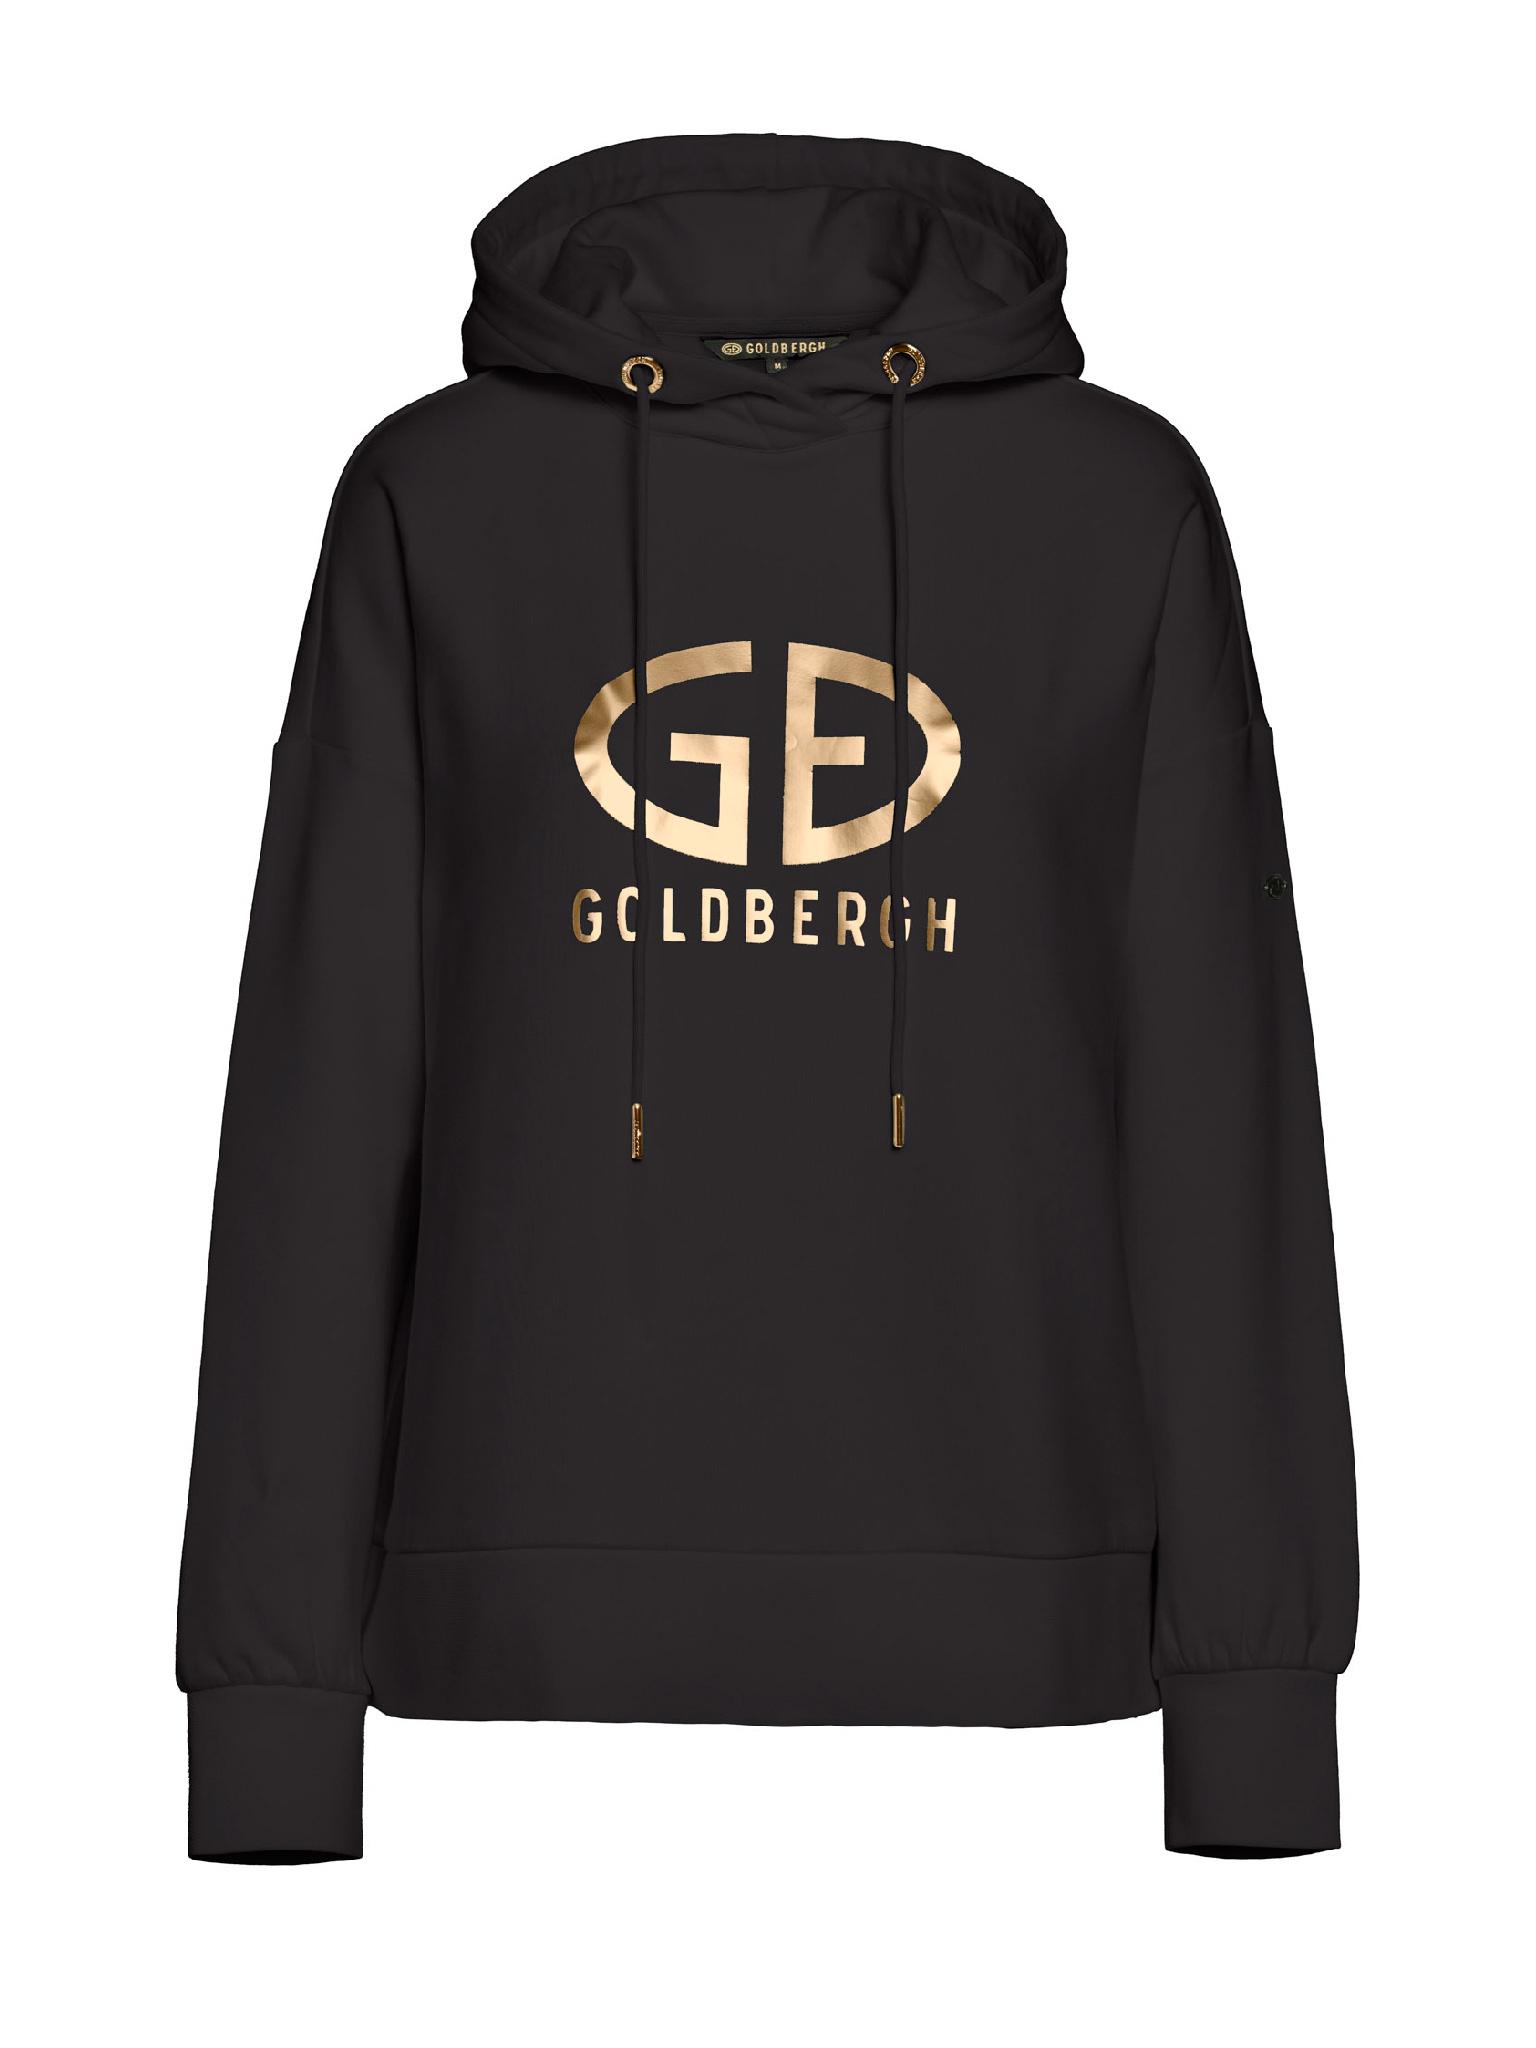 Zwarte dames trui Goldbergh - Harvard Hoodie